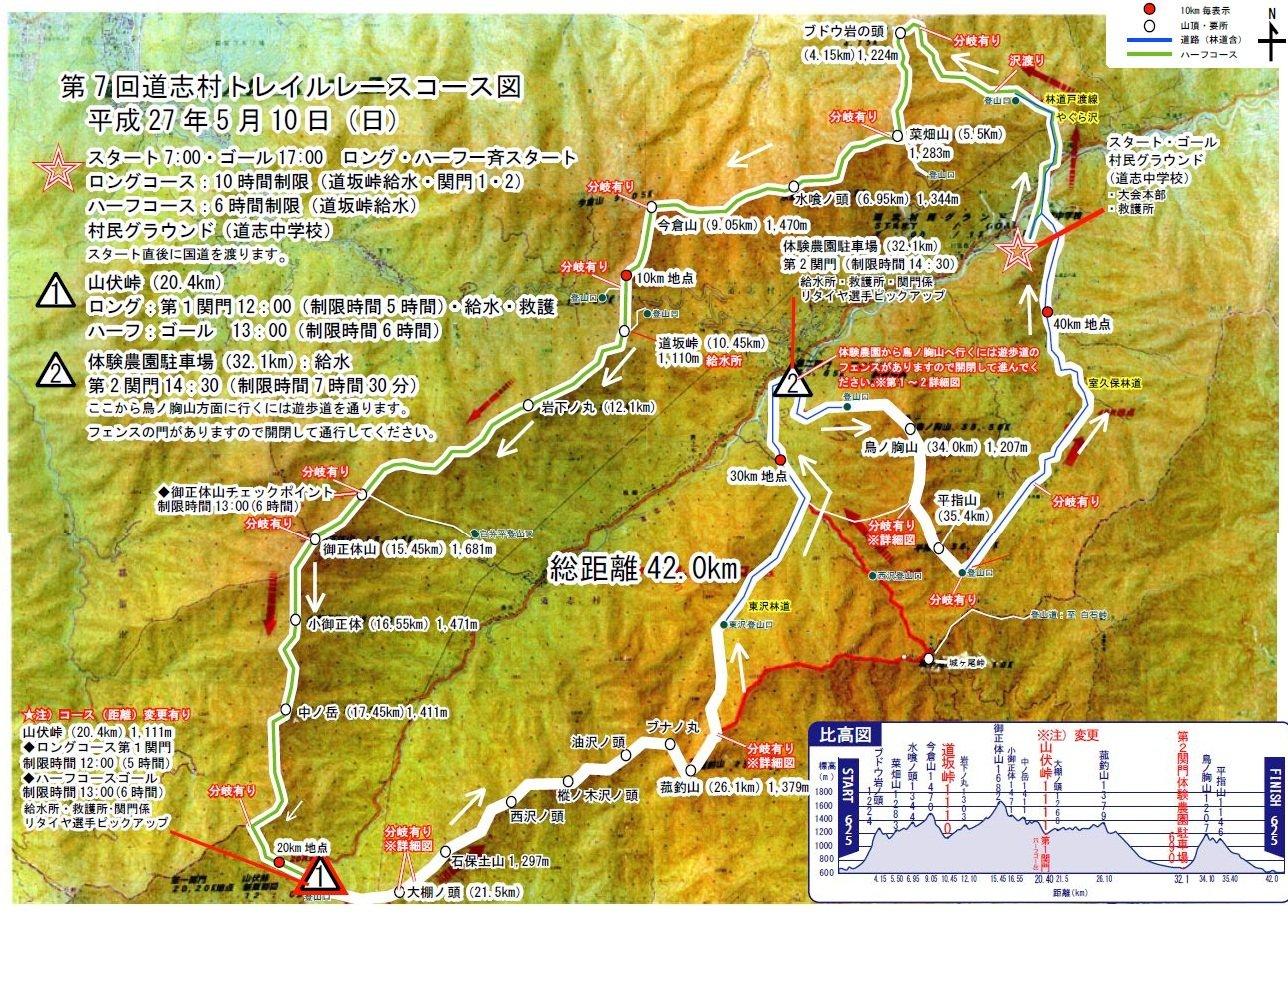 いよいよ道志村トレイルレースですが・・・